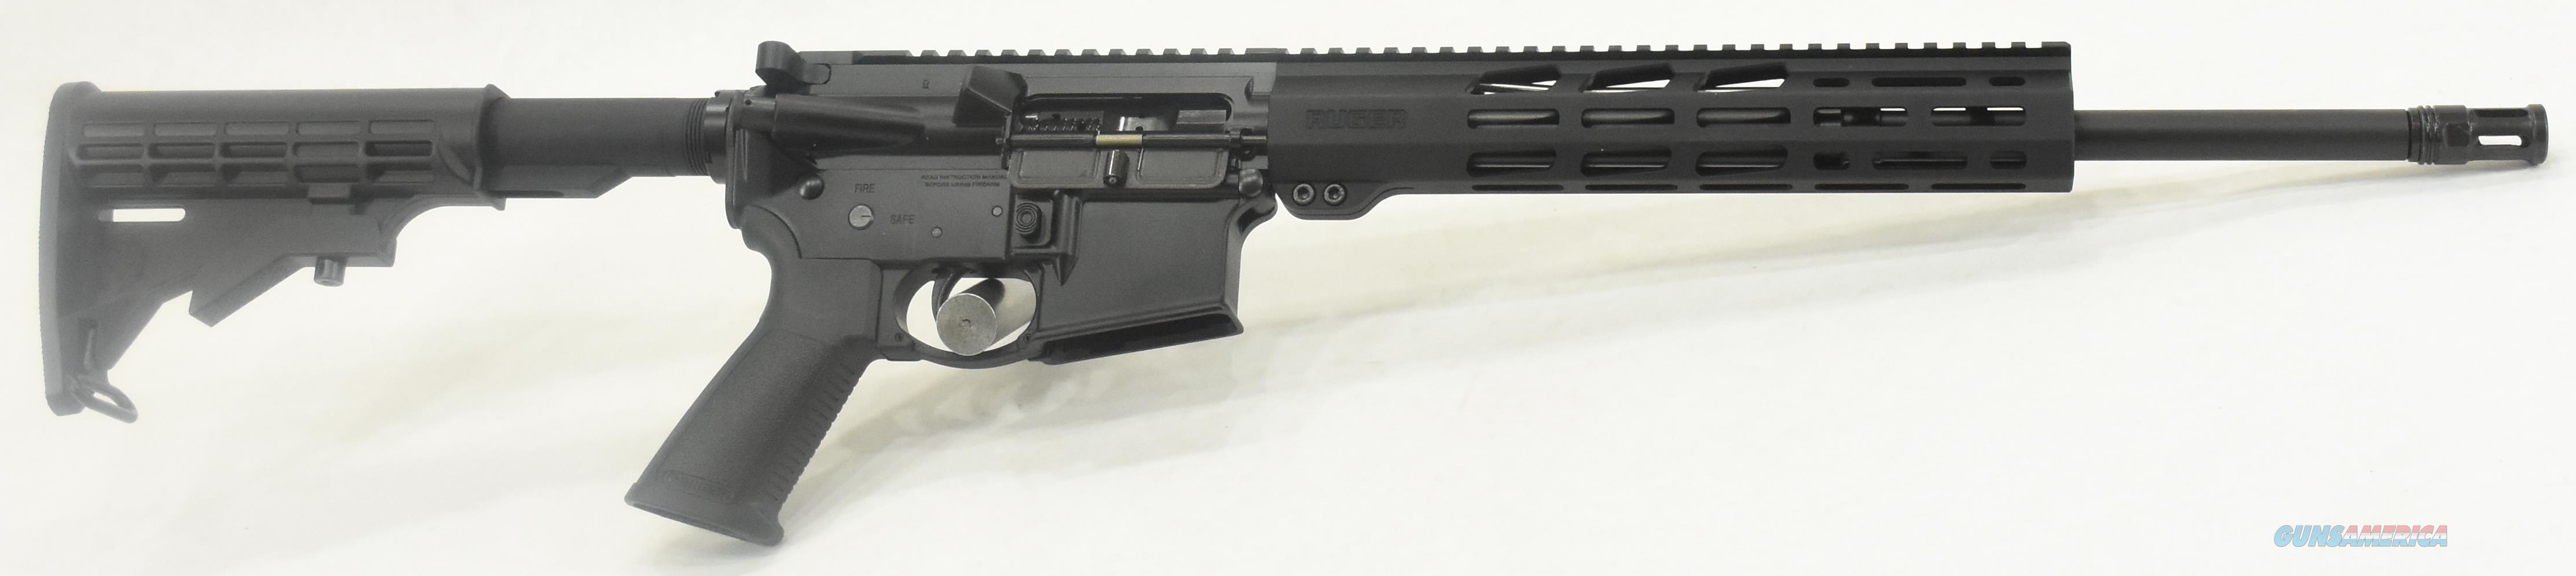 AR-556 Black MLOK 5.56mm 16.1In  8529  Guns > Pistols > S Misc Pistols